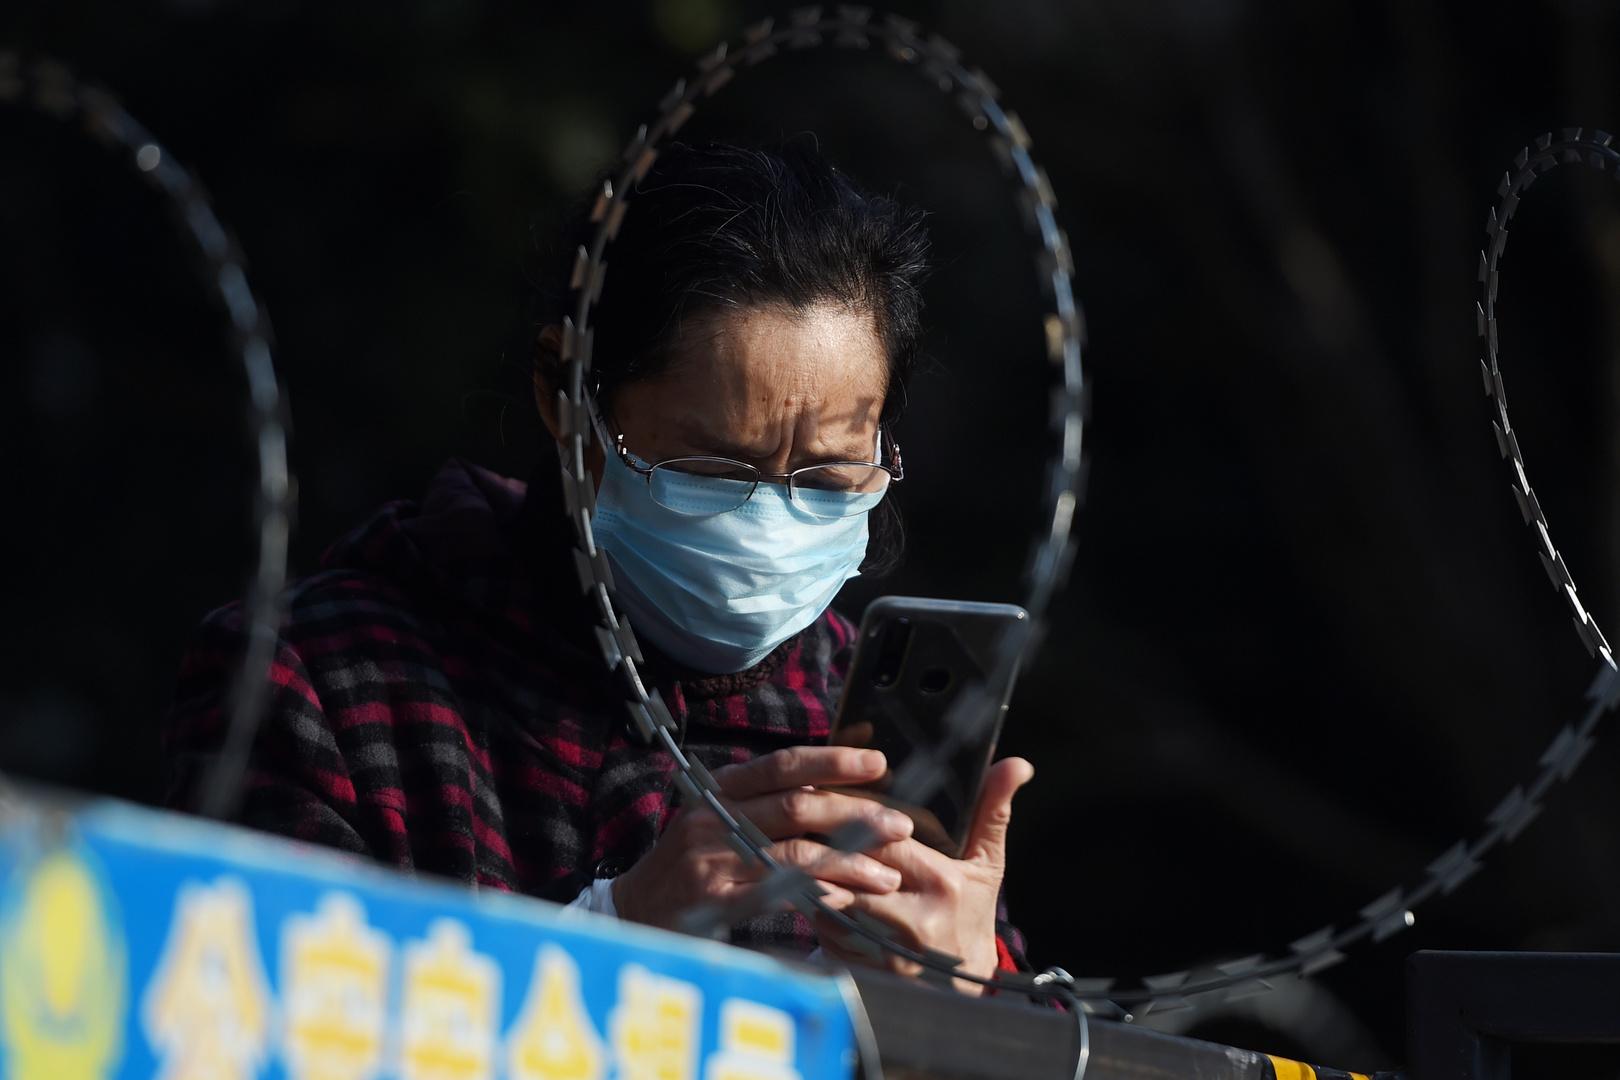 الصين تسجل انخفاضا حادا بعدد الإصابات الجديدة بـ